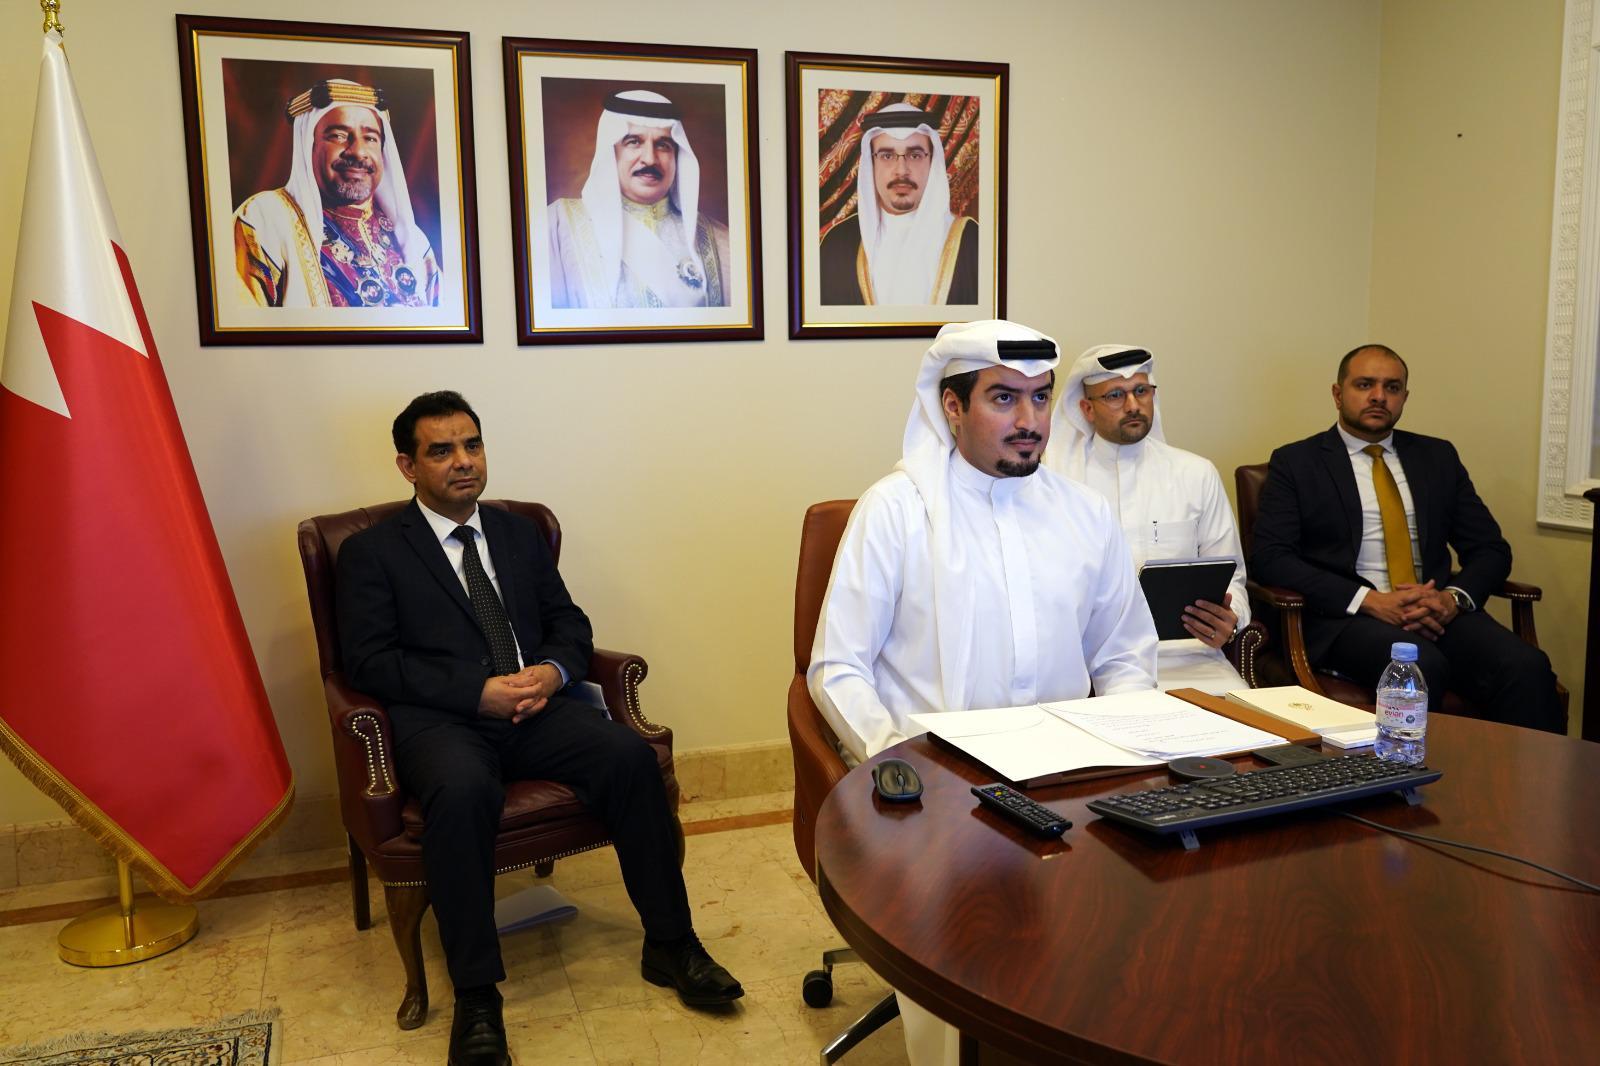 وكيل الإسكان يشارك في اجتماع وكلاء الإسكان بدول مجلس التعاون الخليجي